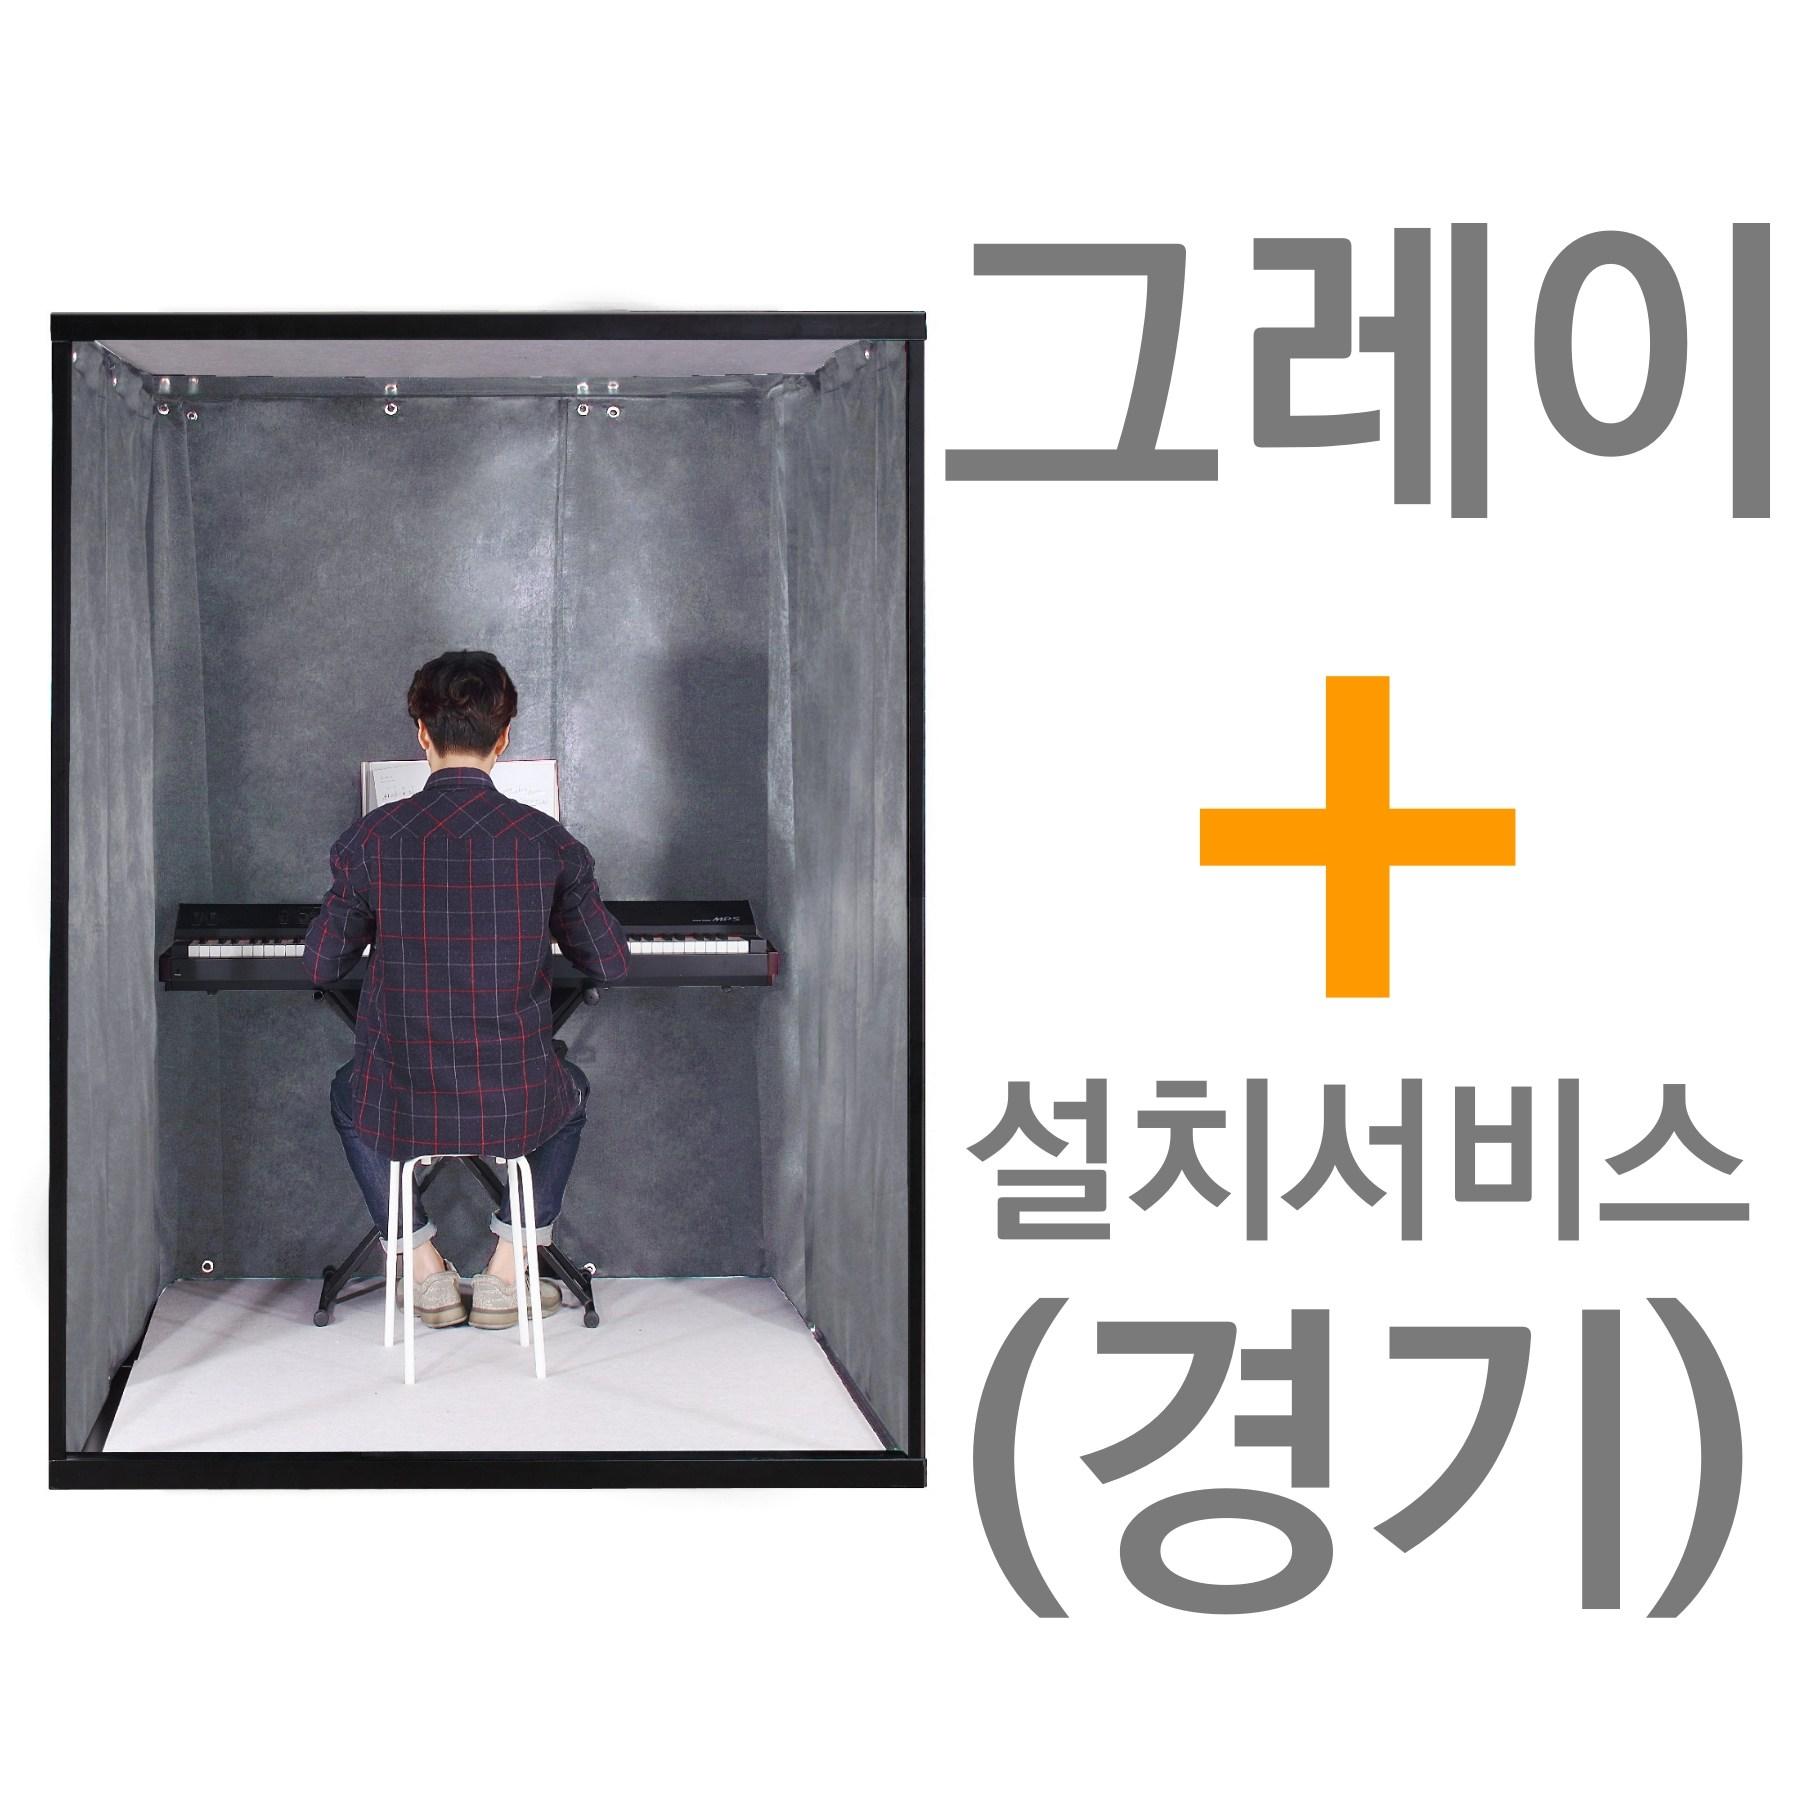 뮤지쿠스 방음부스 B150, 그레이+ 경기 설치서비스 (+14만)